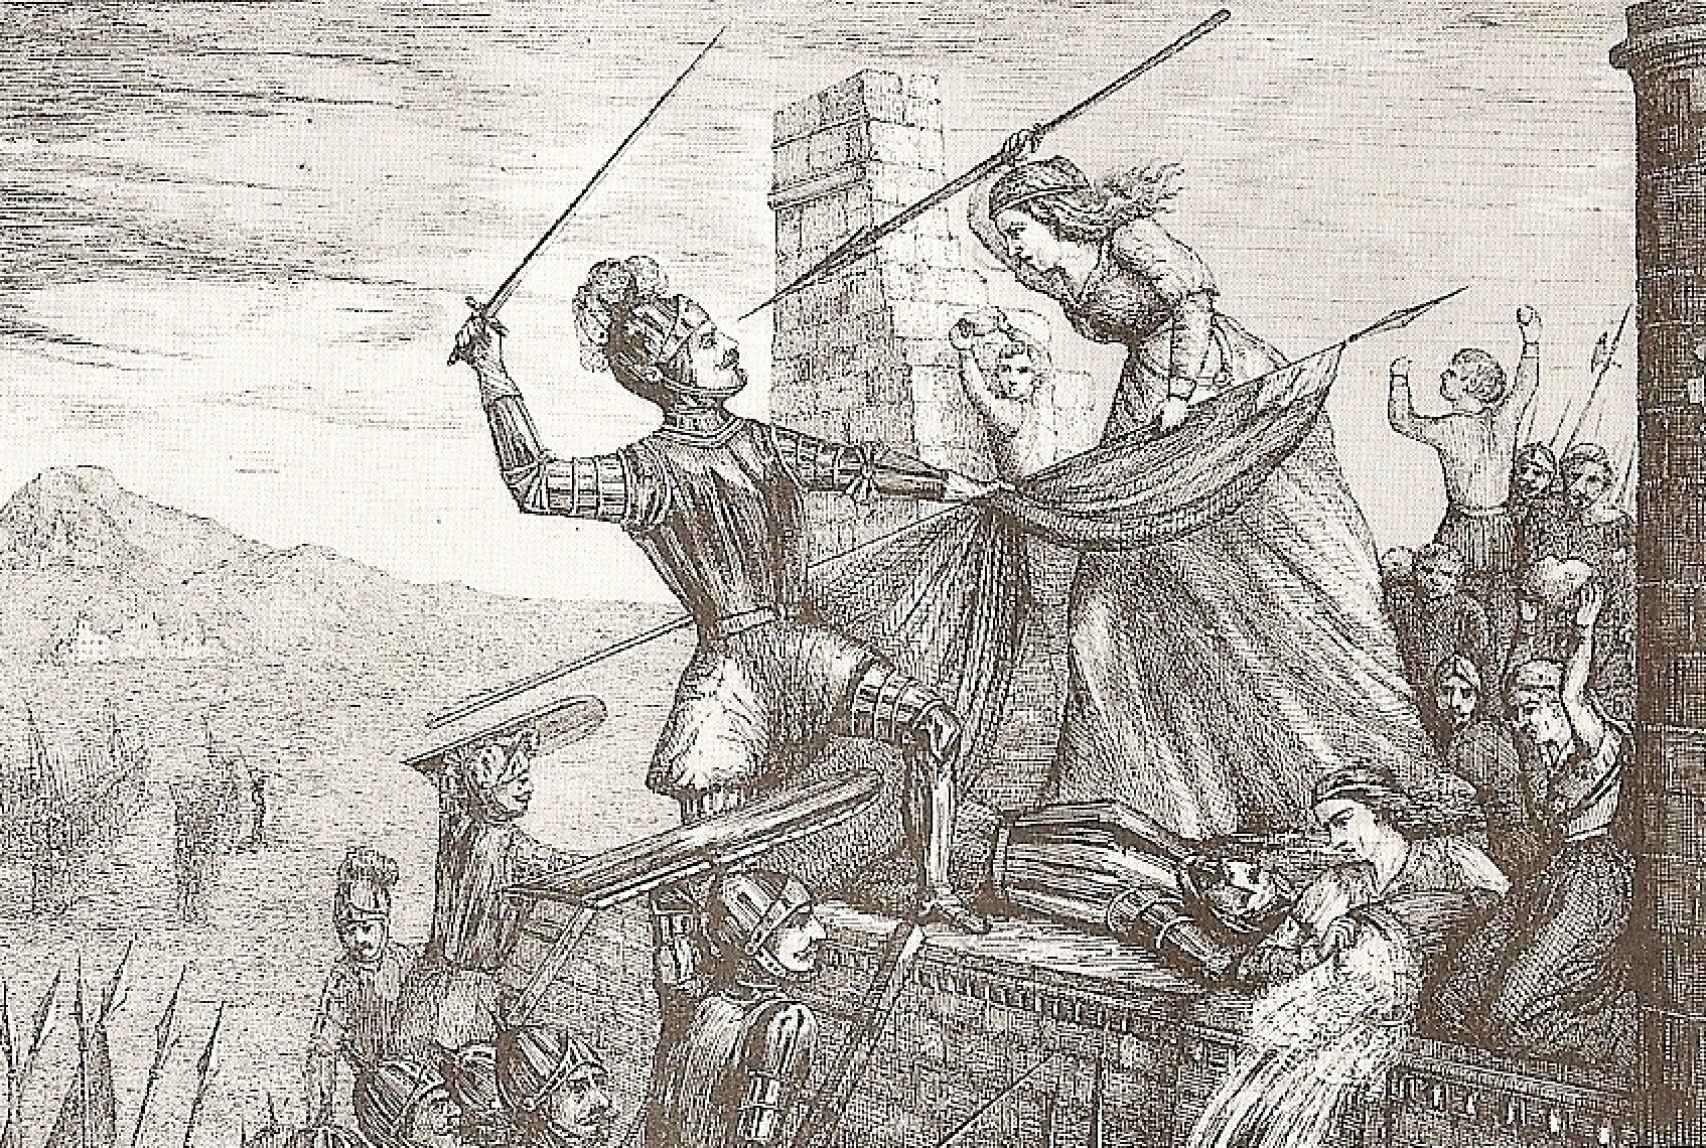 'Heorísmo de María Pita', un grabado de F. Ferrer y Ros de 1589.